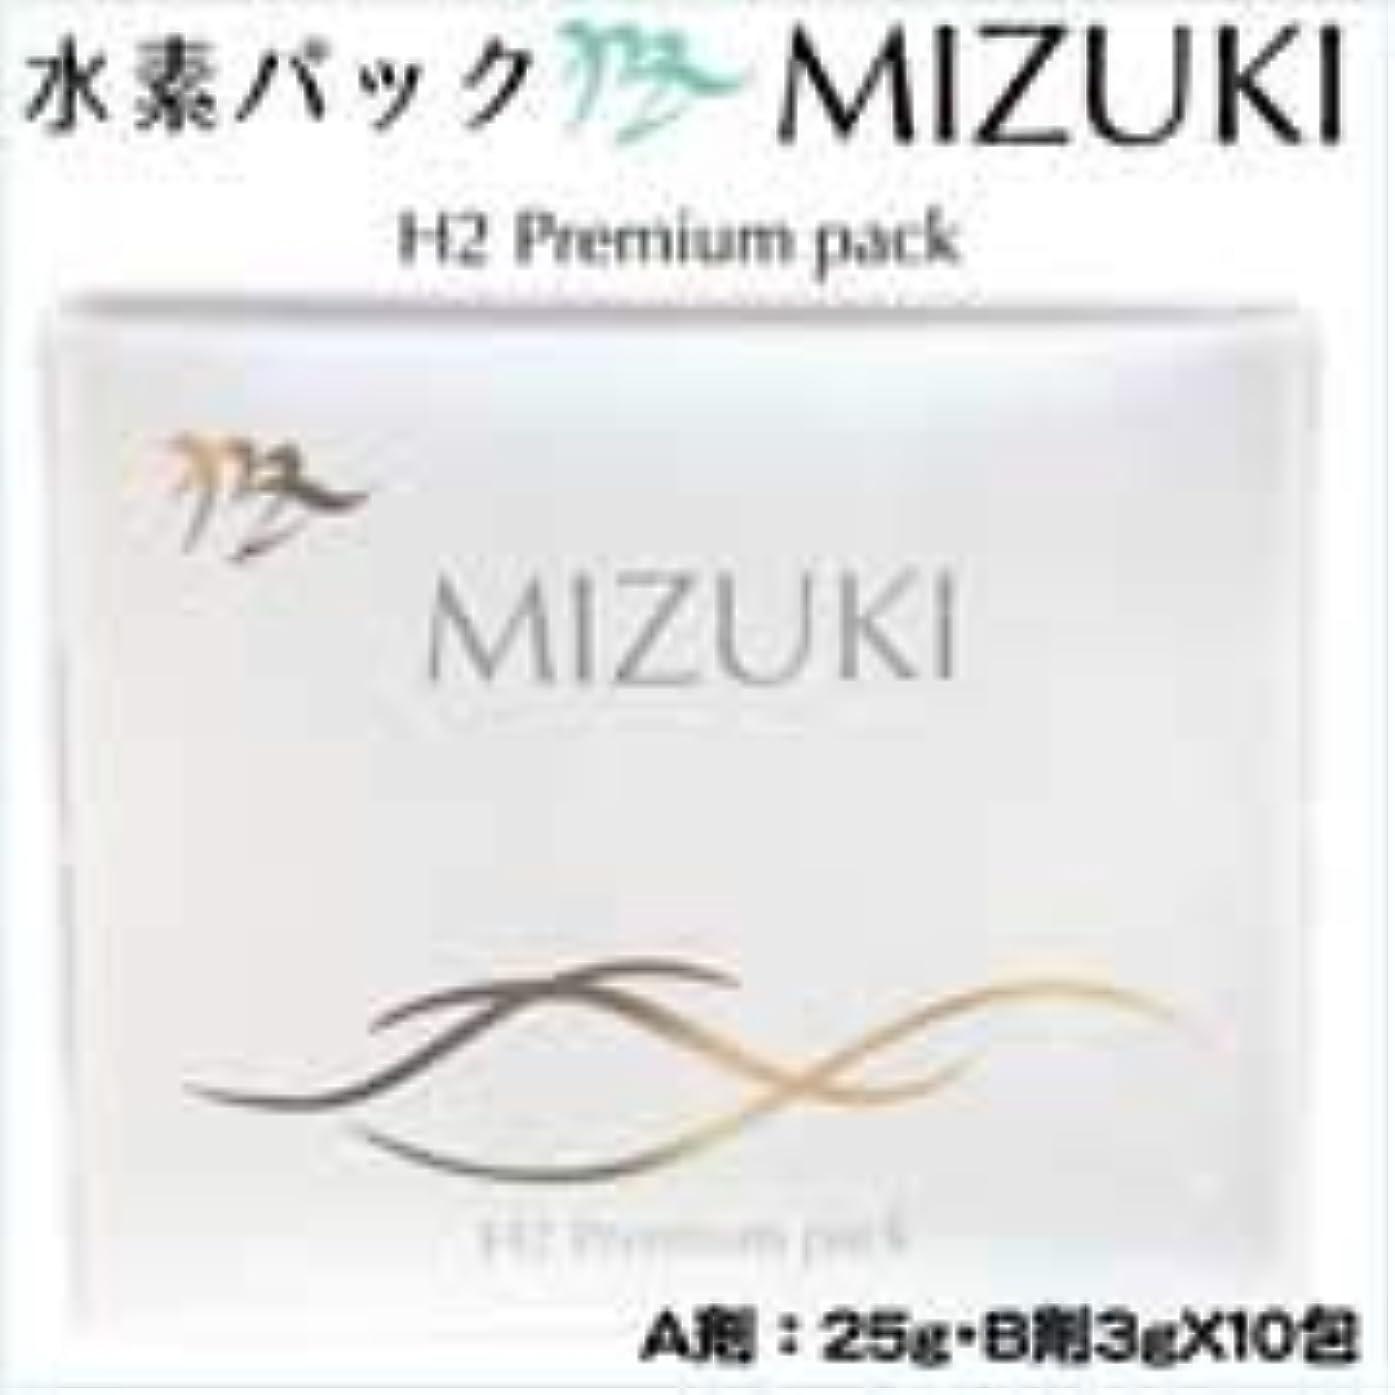 蒸一掃するMIZUKI H2 Premium pack ミズキ プレミアムパック A剤:25g、B剤:3gX10包 スパチュラ付き